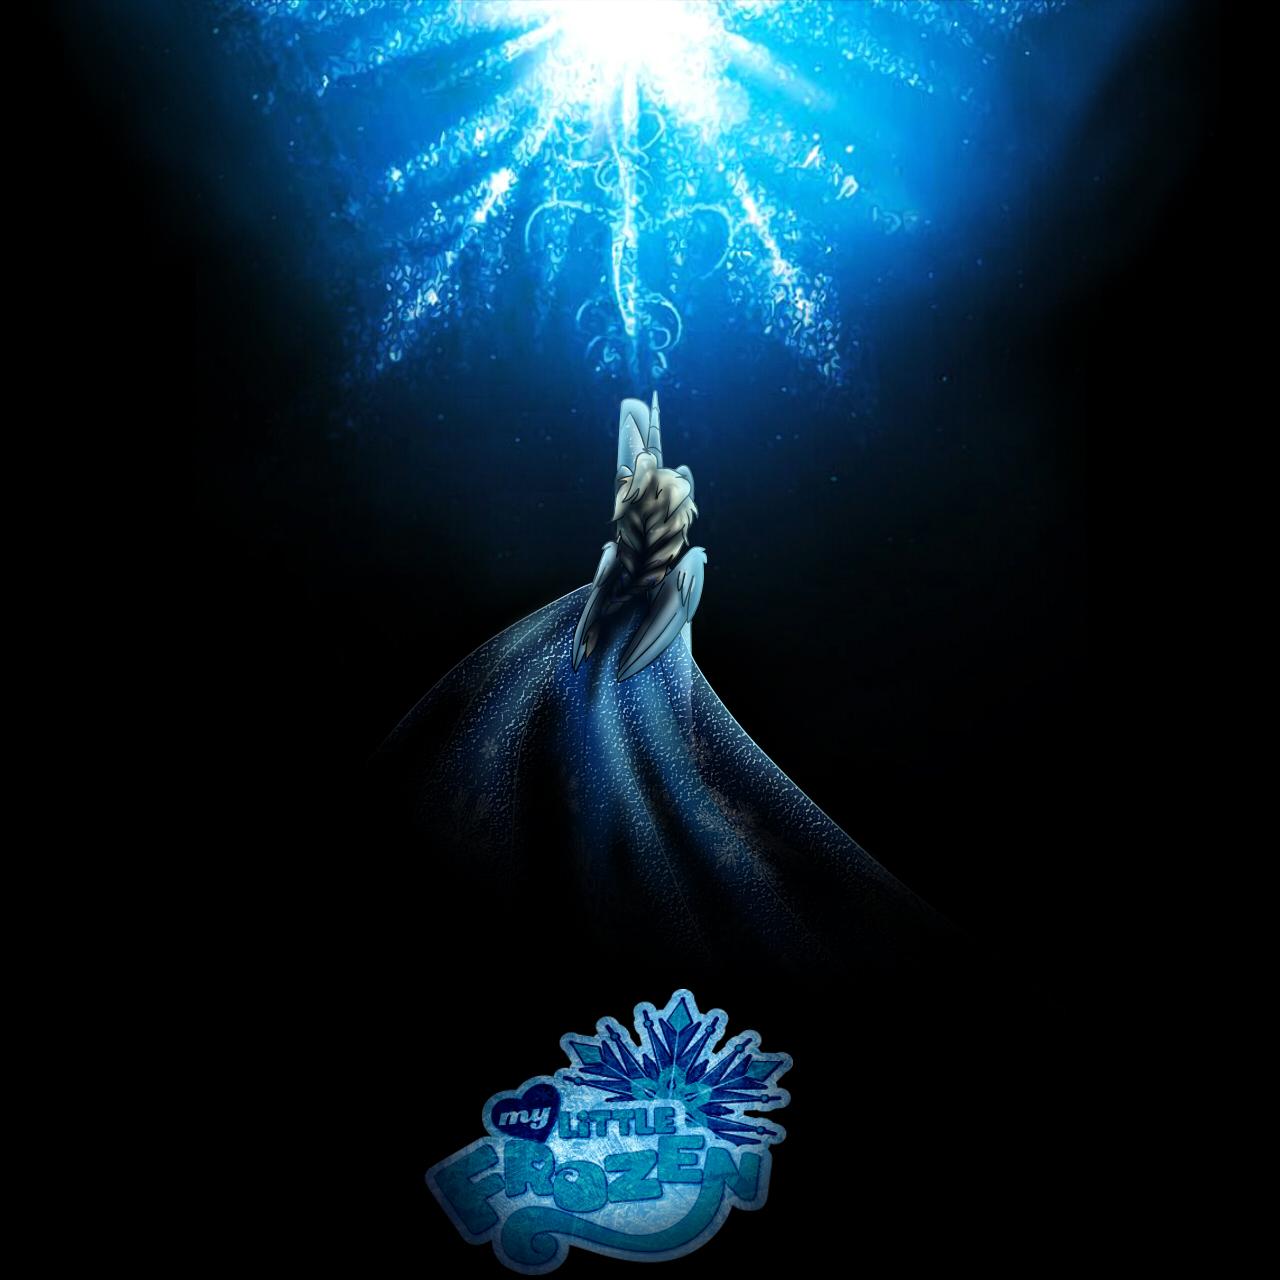 My Little Frozen Movie Wallpaper 4 by NamyGaga 1280x1280